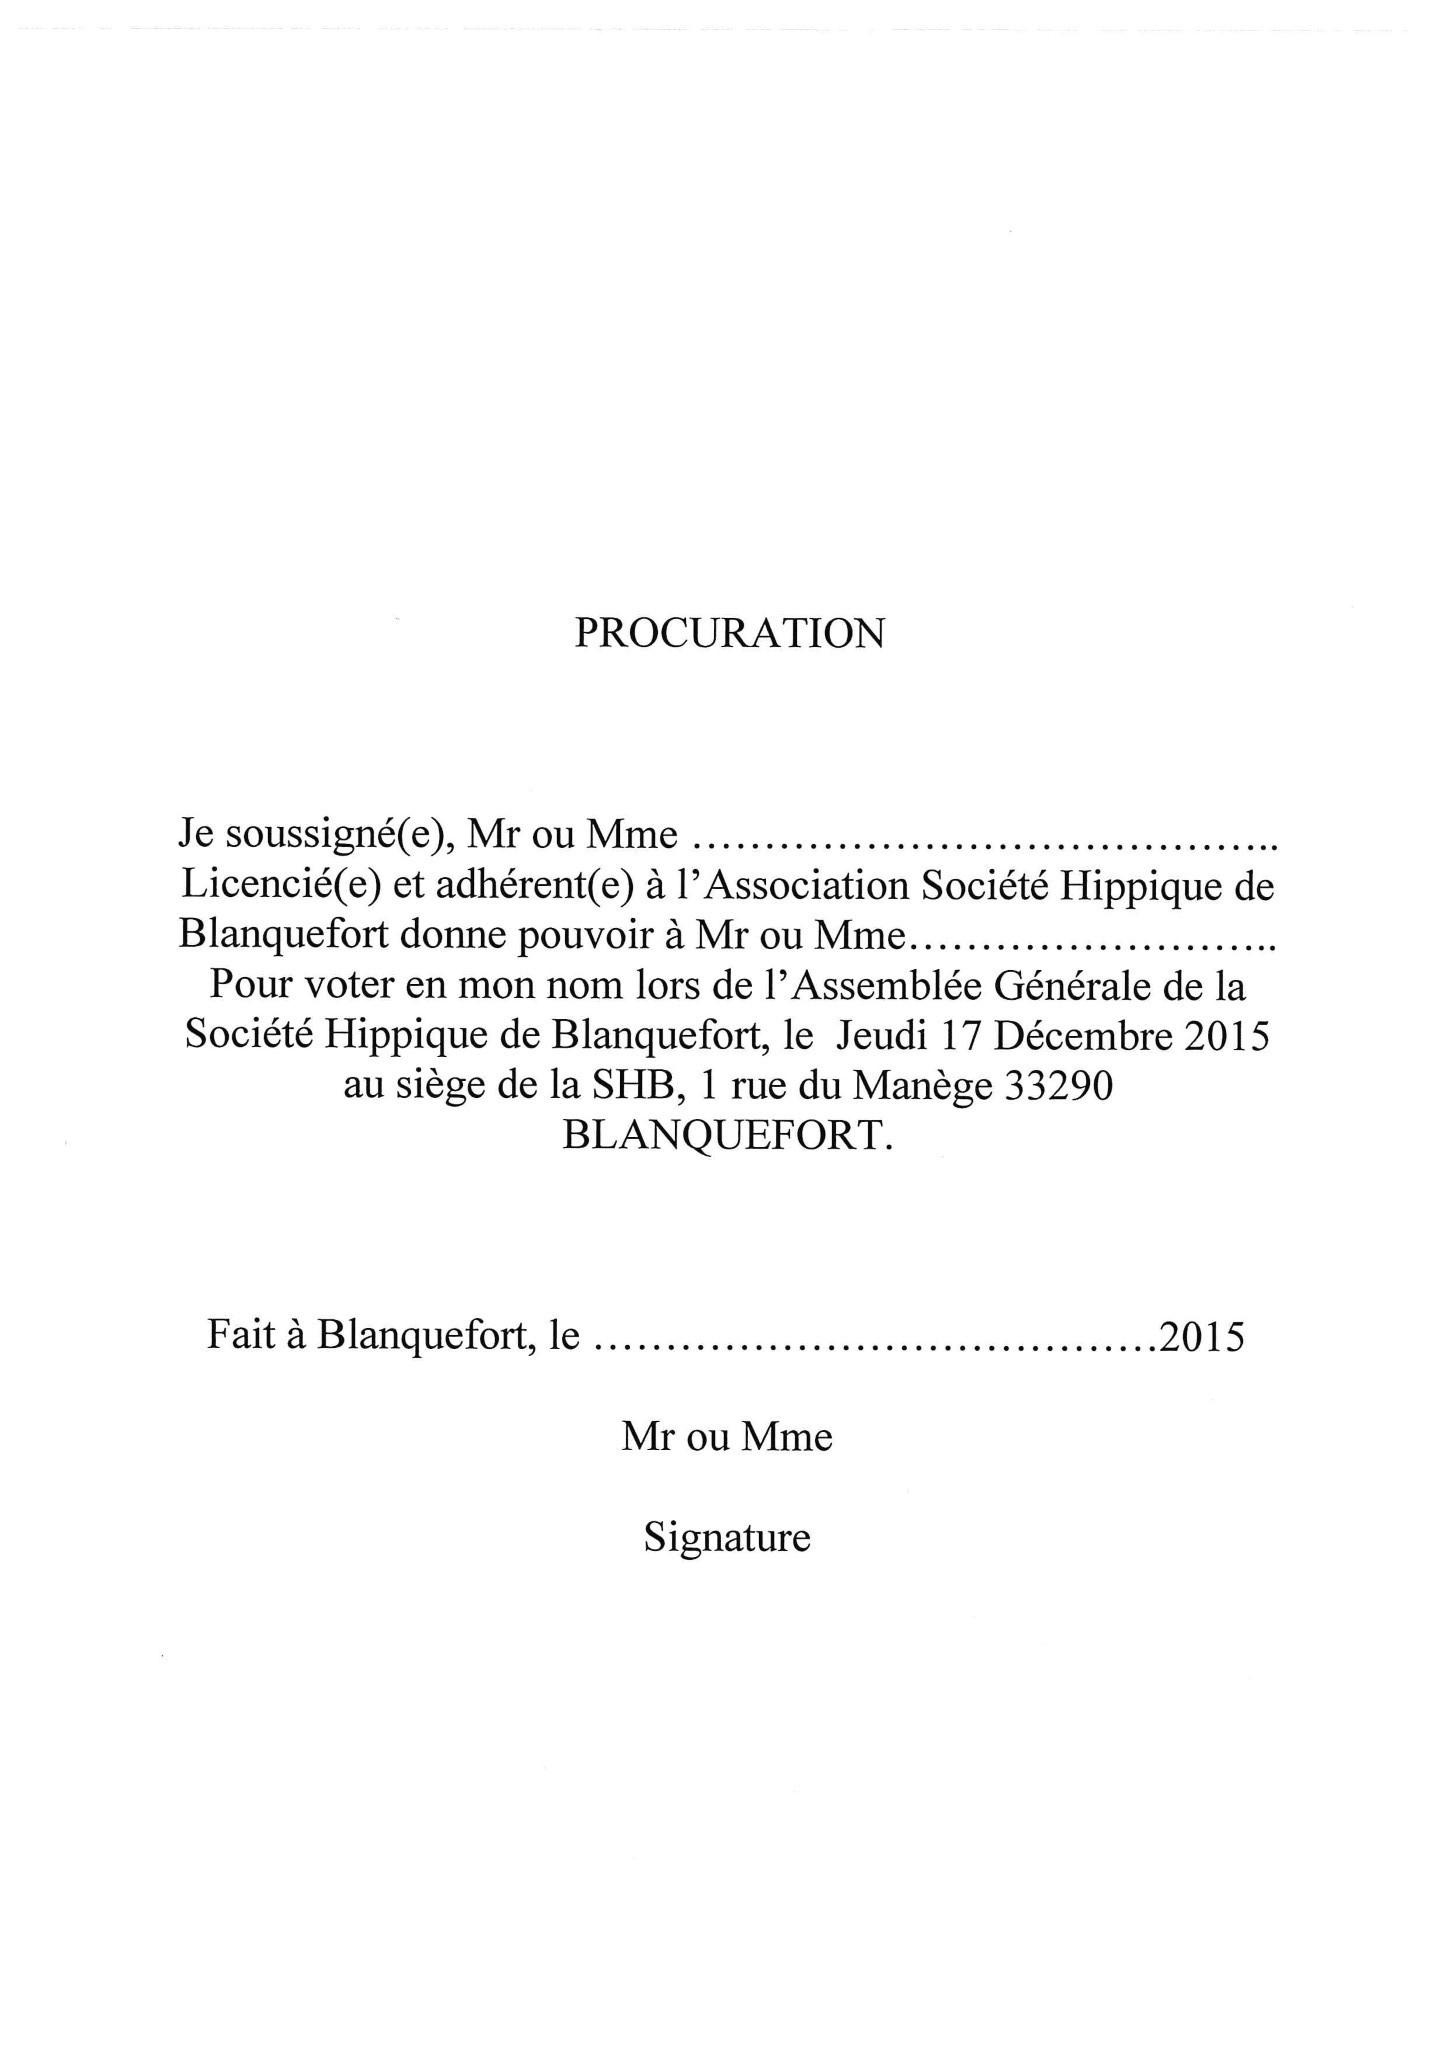 procuration - Société Hippique de Blanquefort